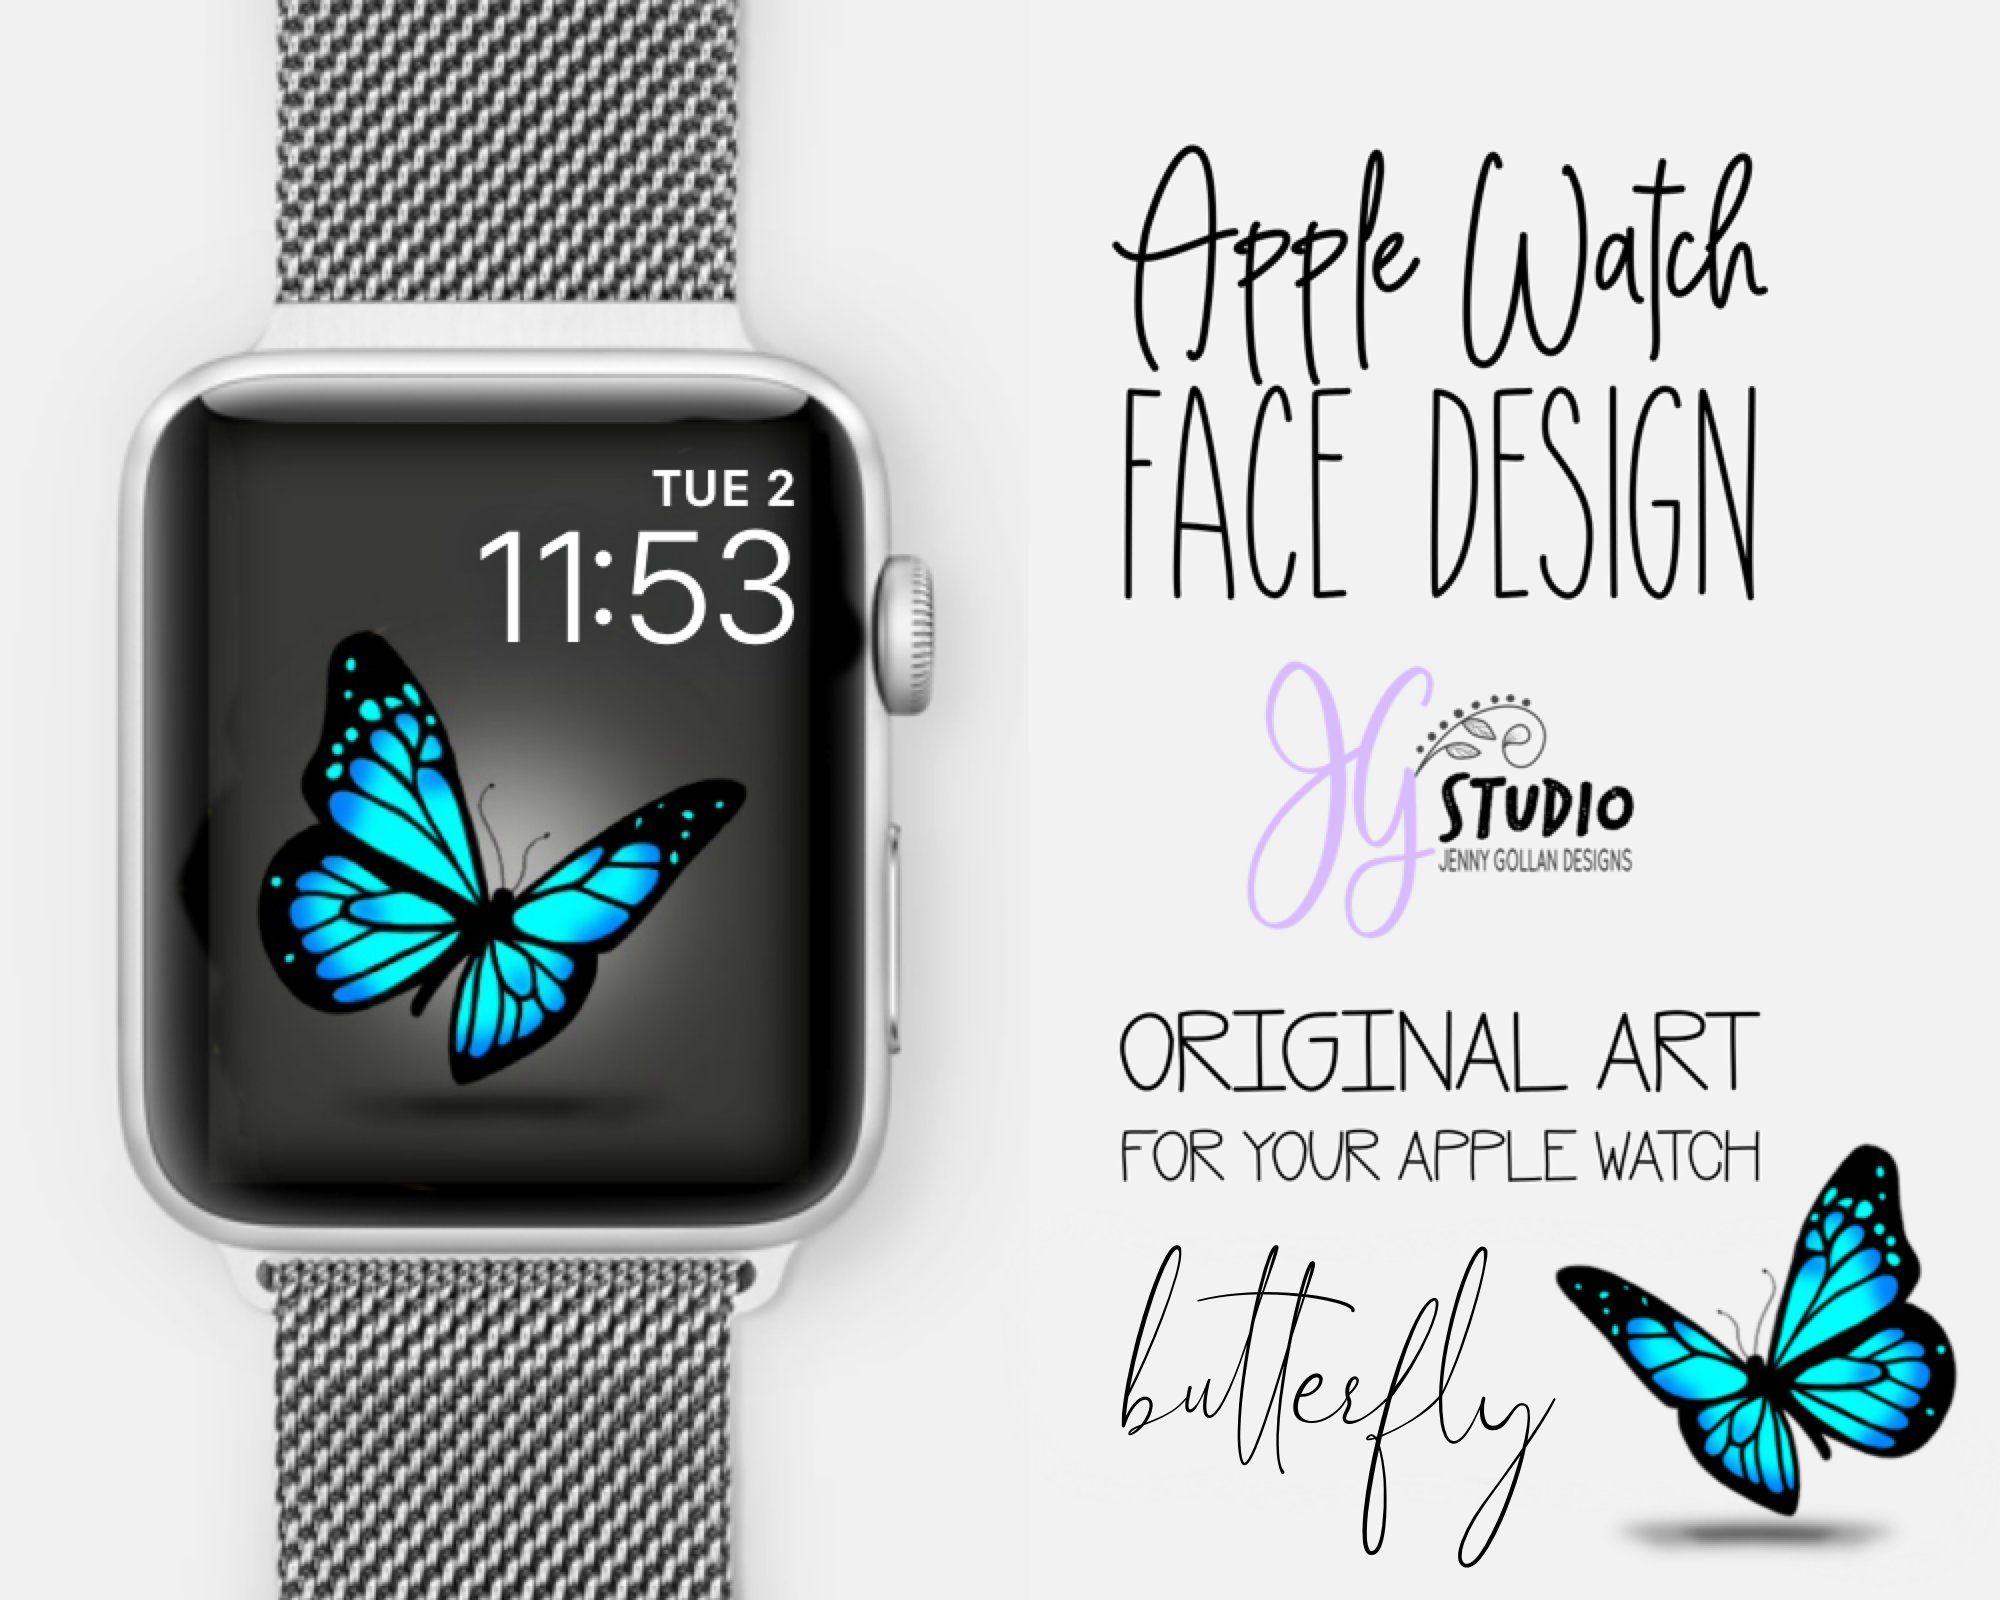 Apple Watch Wallpaper Butterfly Orignal Art for your Apple